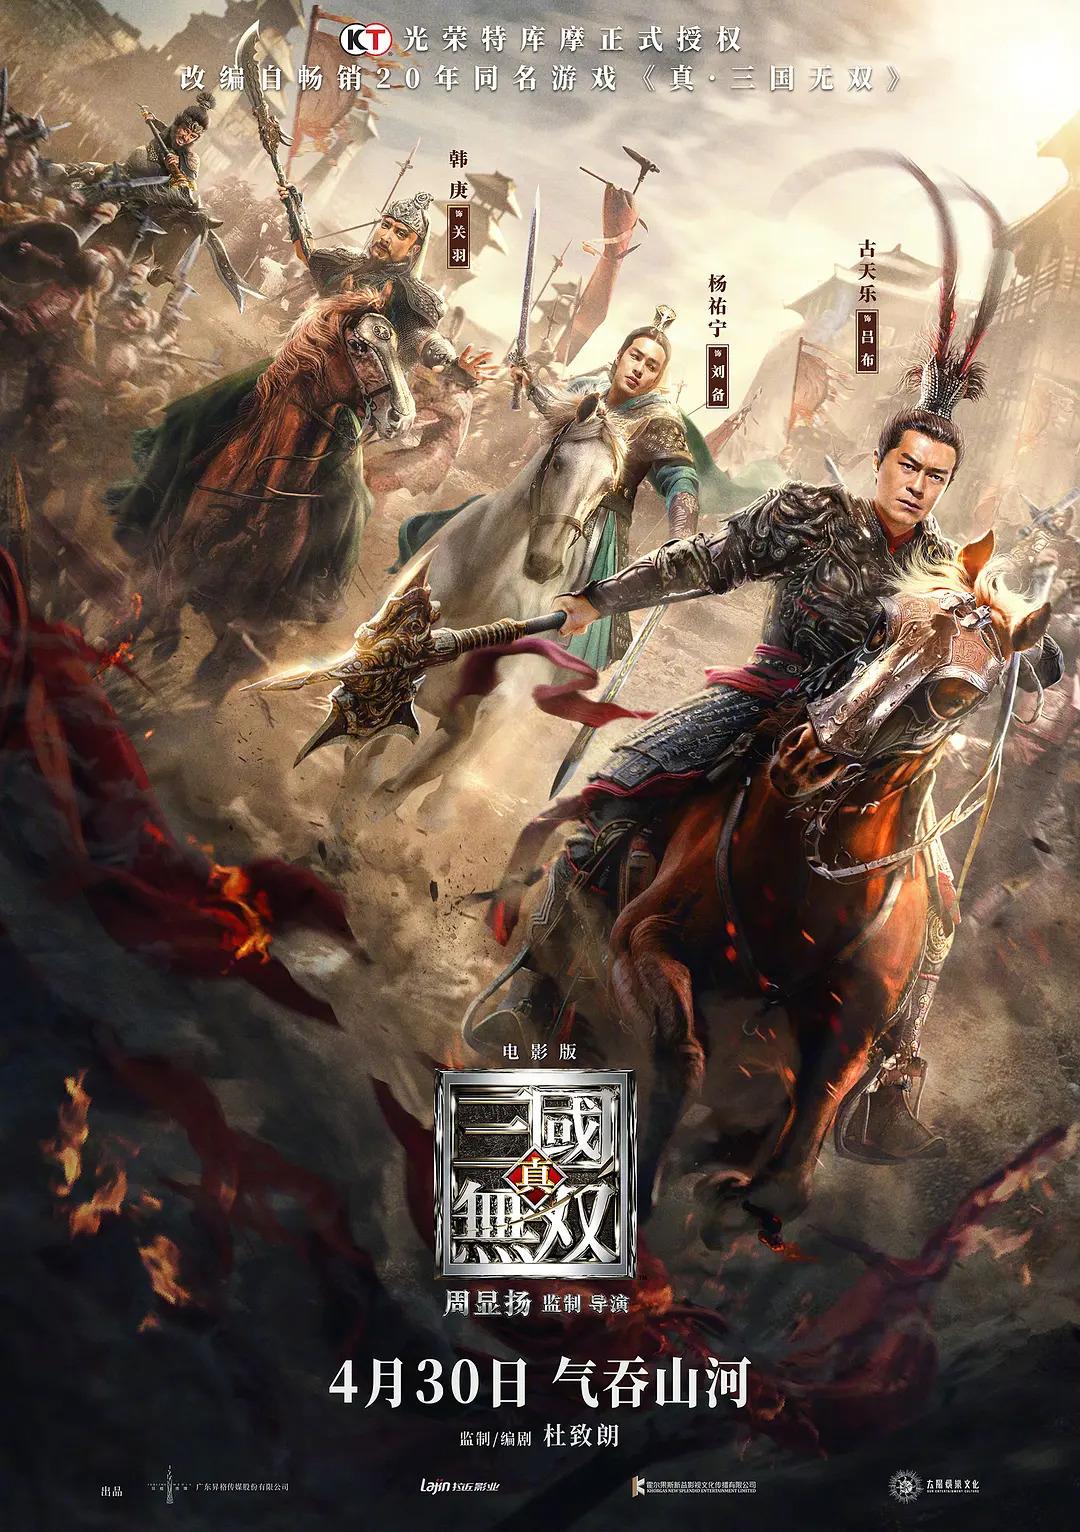 【电影预告】真·三国无双 Dynasty Warriors 2021-04-30 中国大陆上映